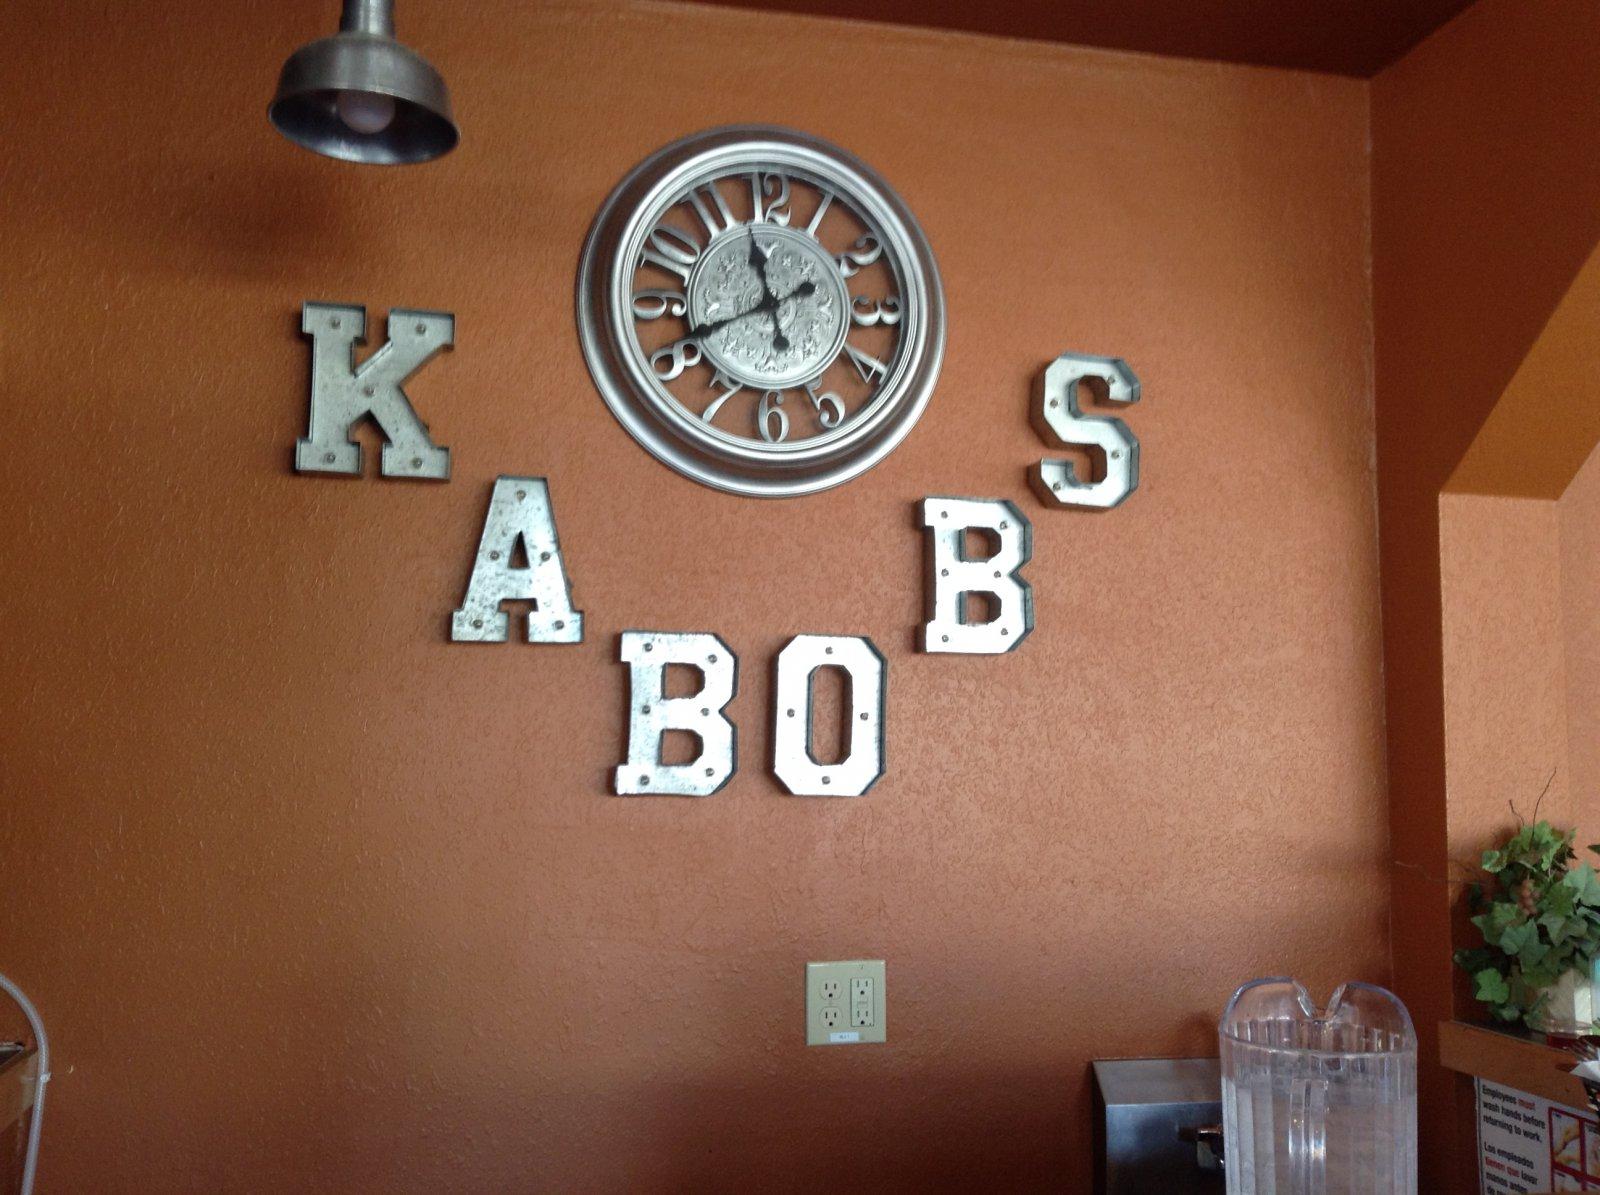 Ka-Bobs Bistro